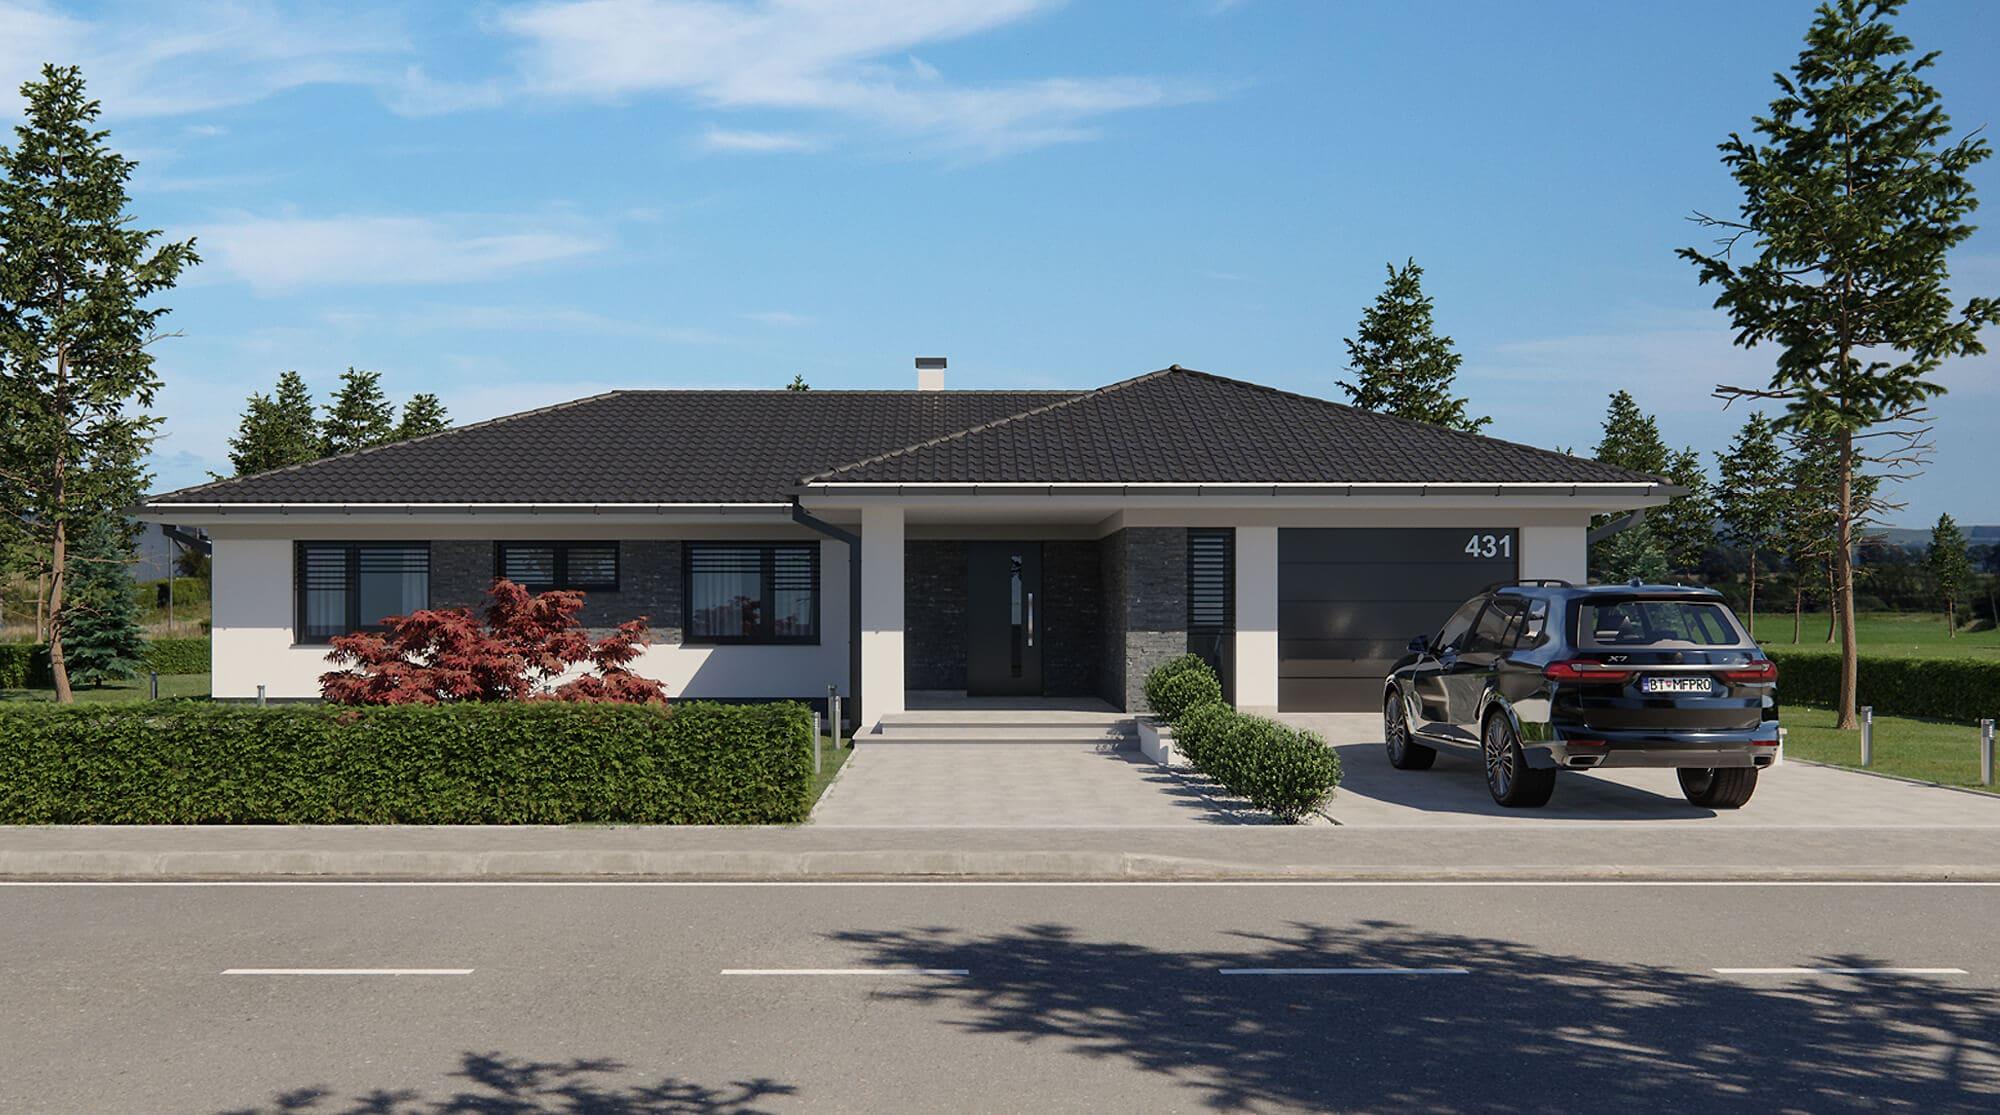 projekt rodinného domu style 241